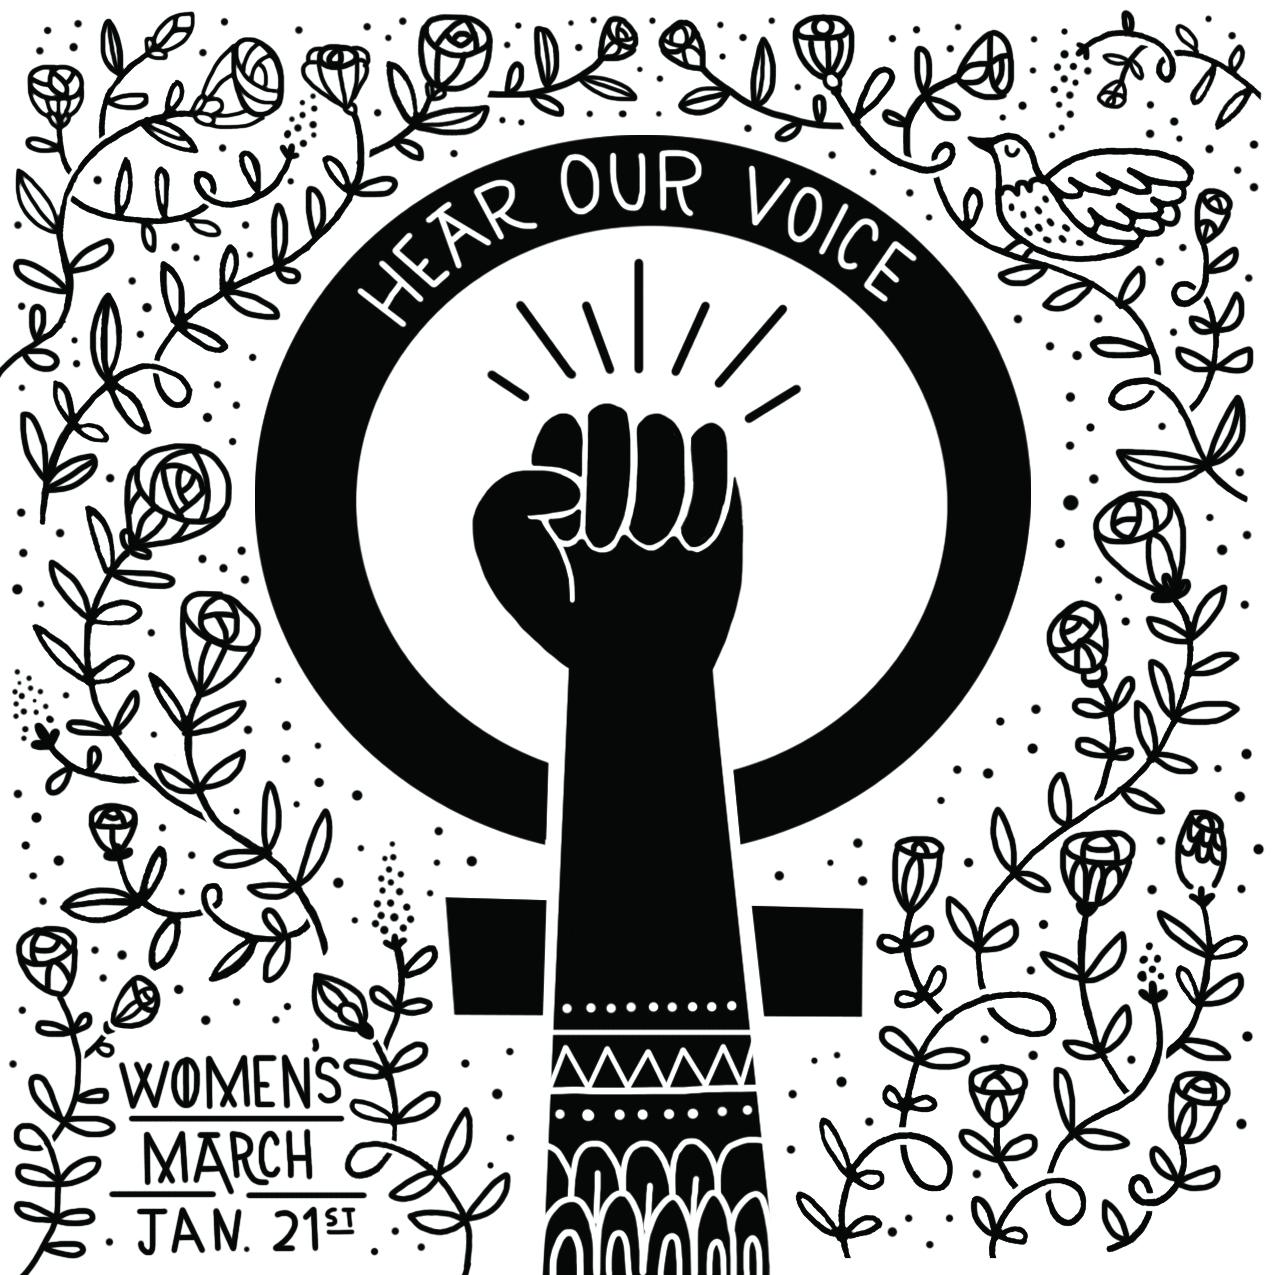 womens march b w.jpg